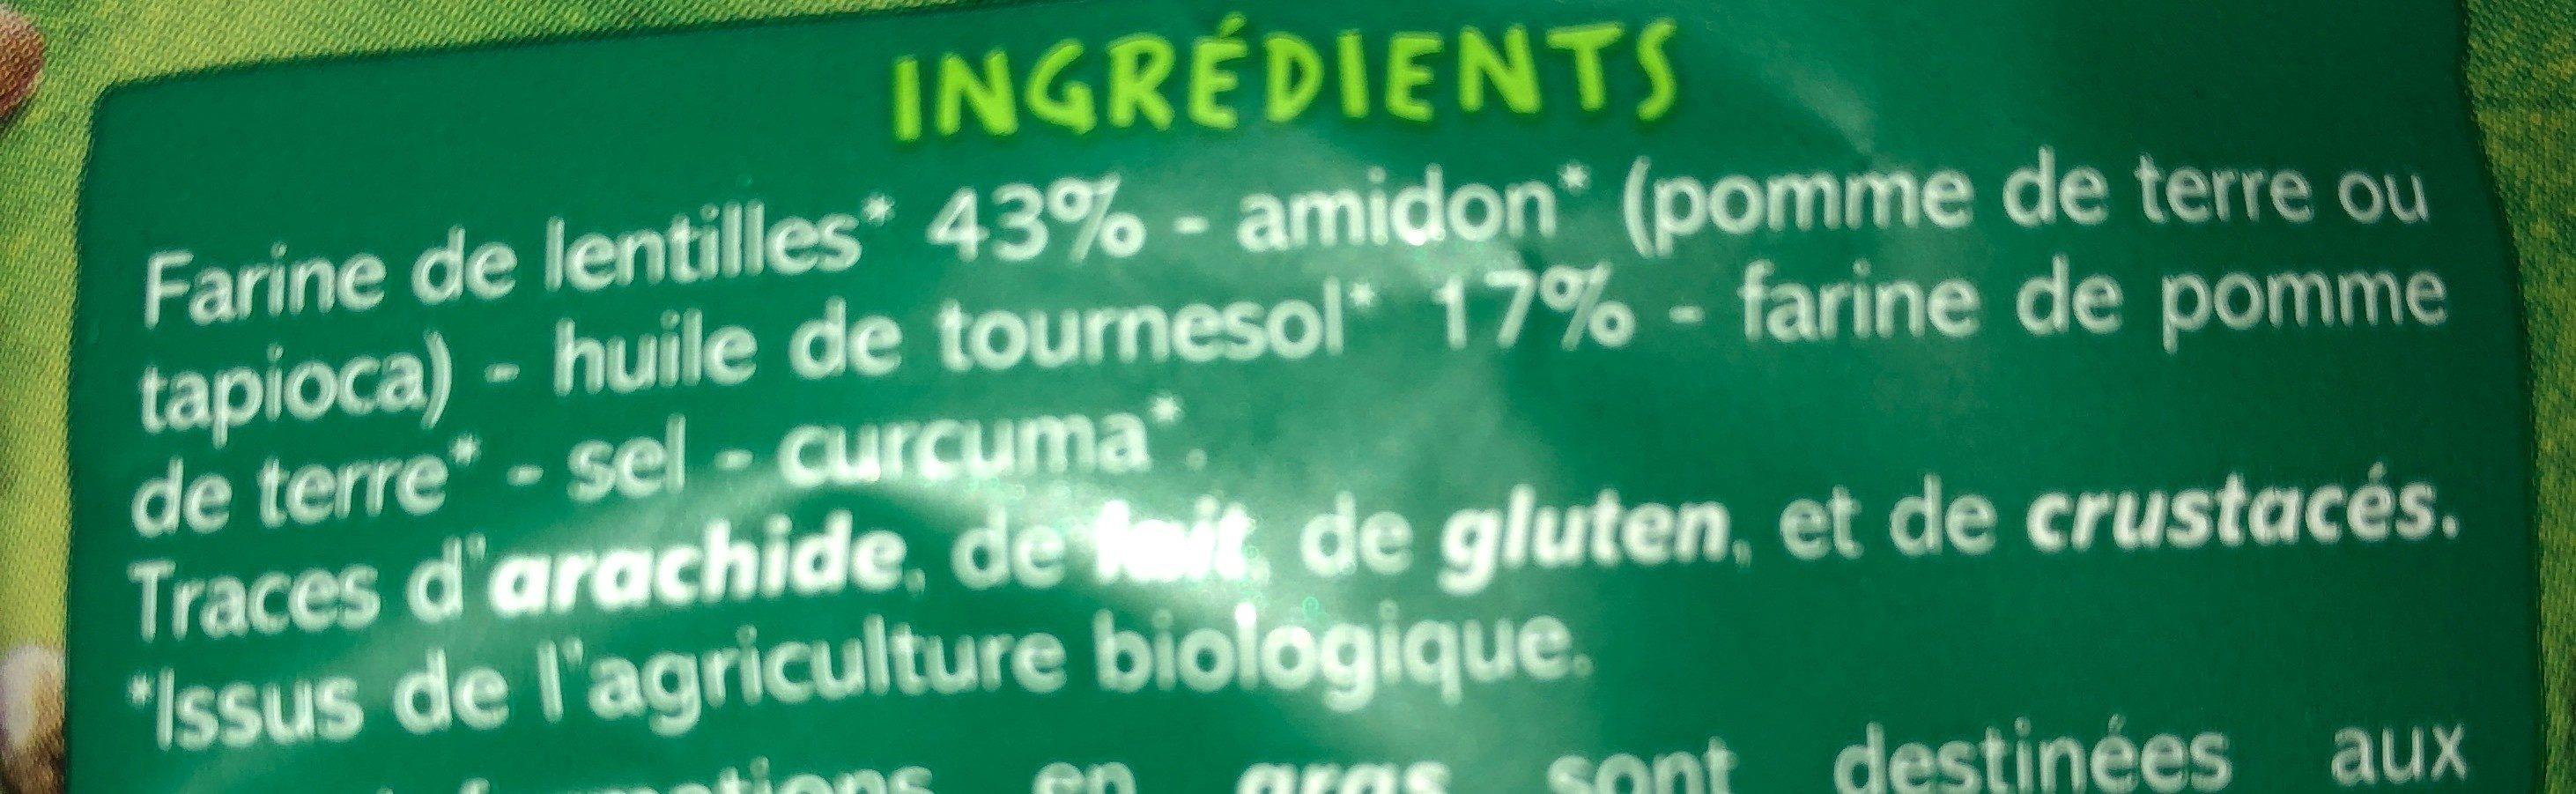 Pétales aux lentilles nature - Ingrediënten - fr